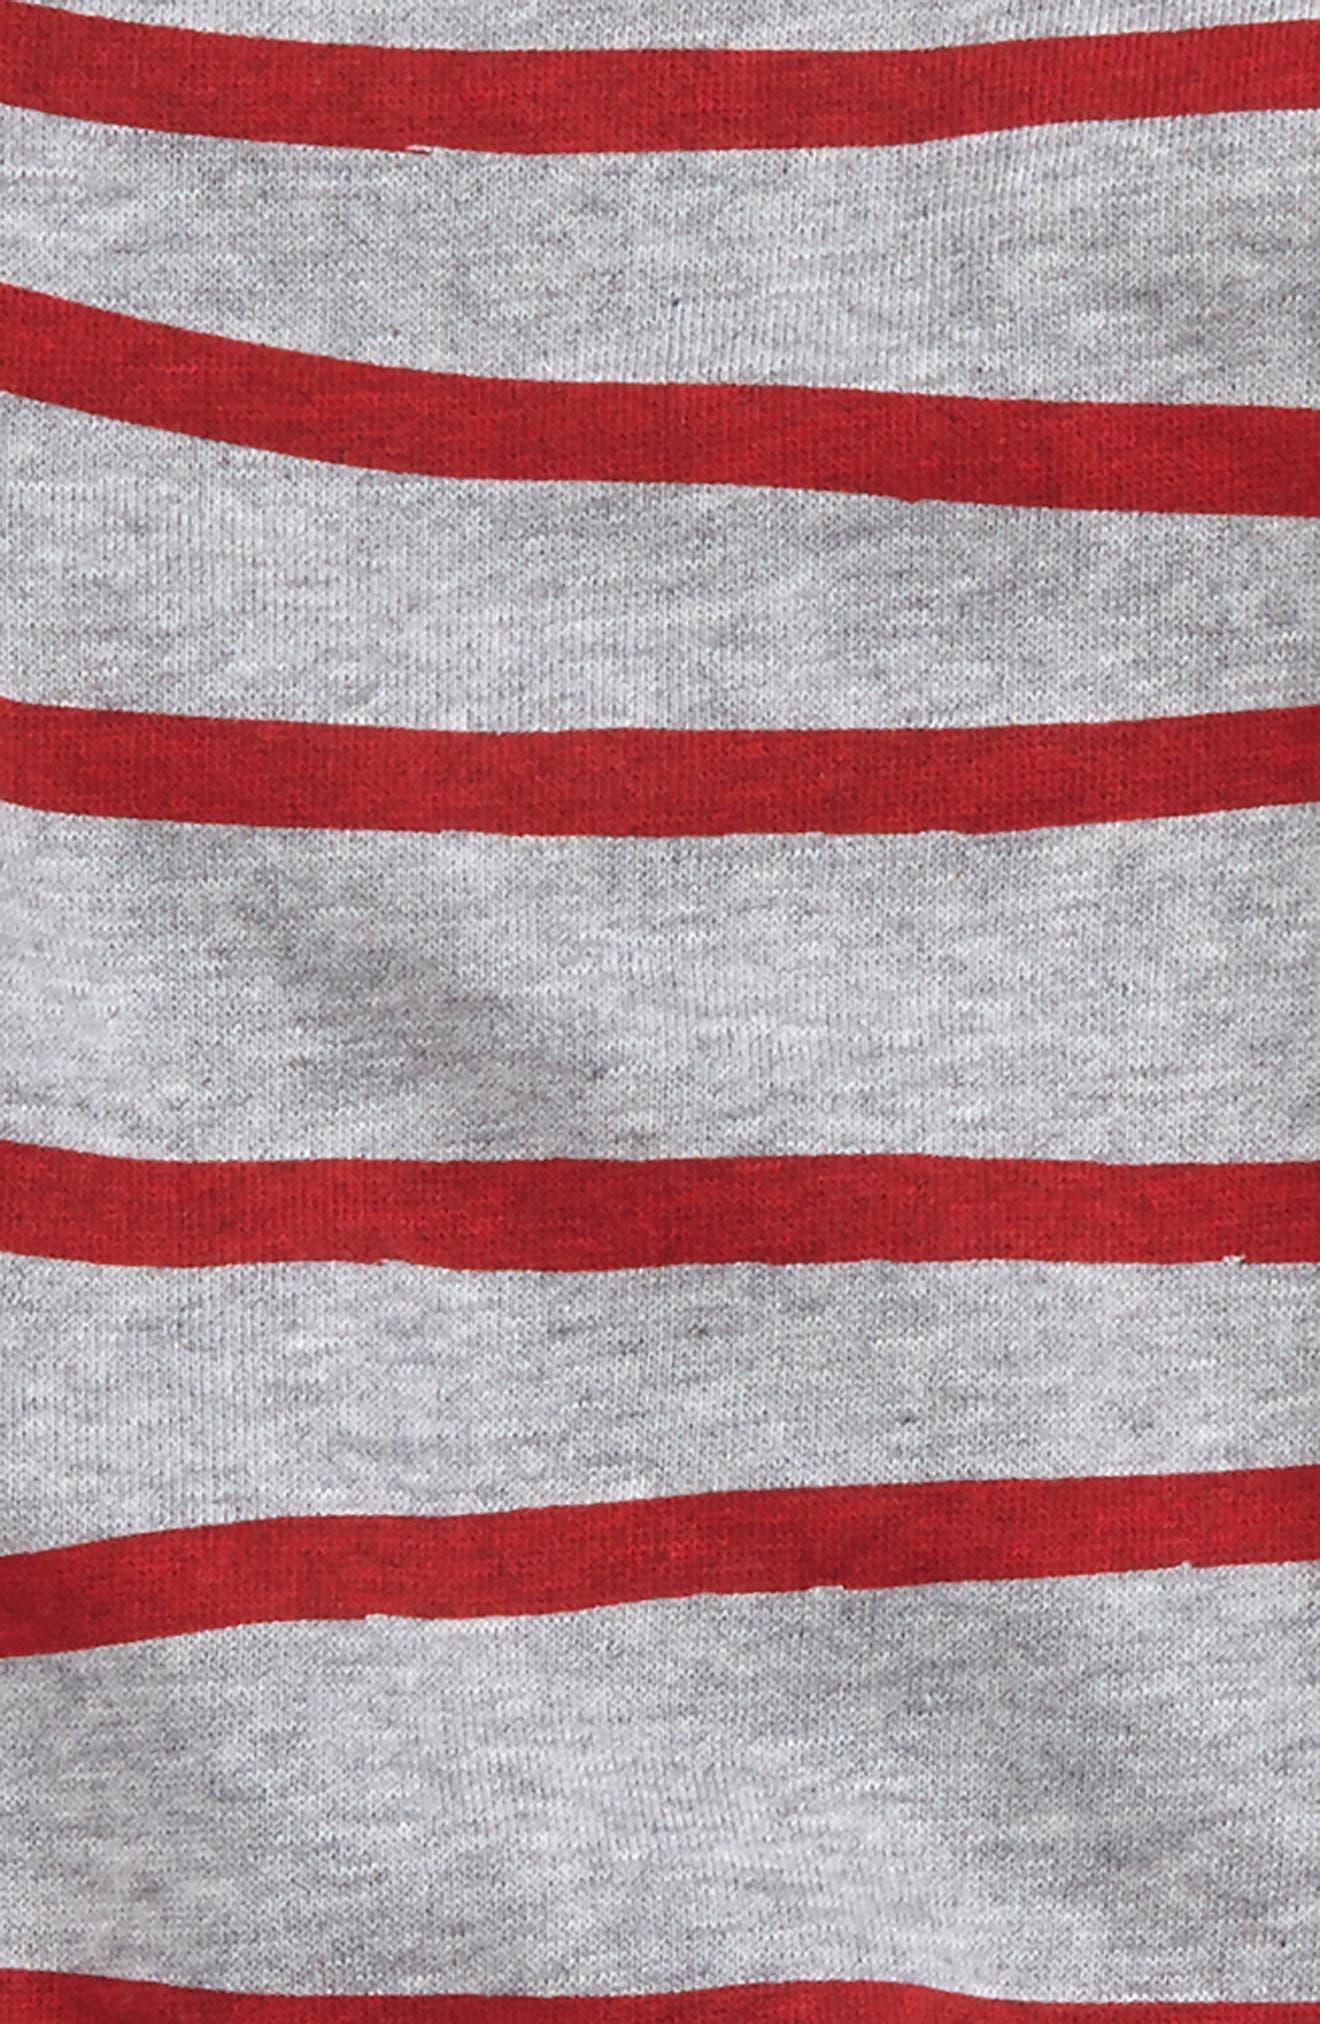 Alternate Image 2  - SOOKIbaby Stripe Romper (Baby)